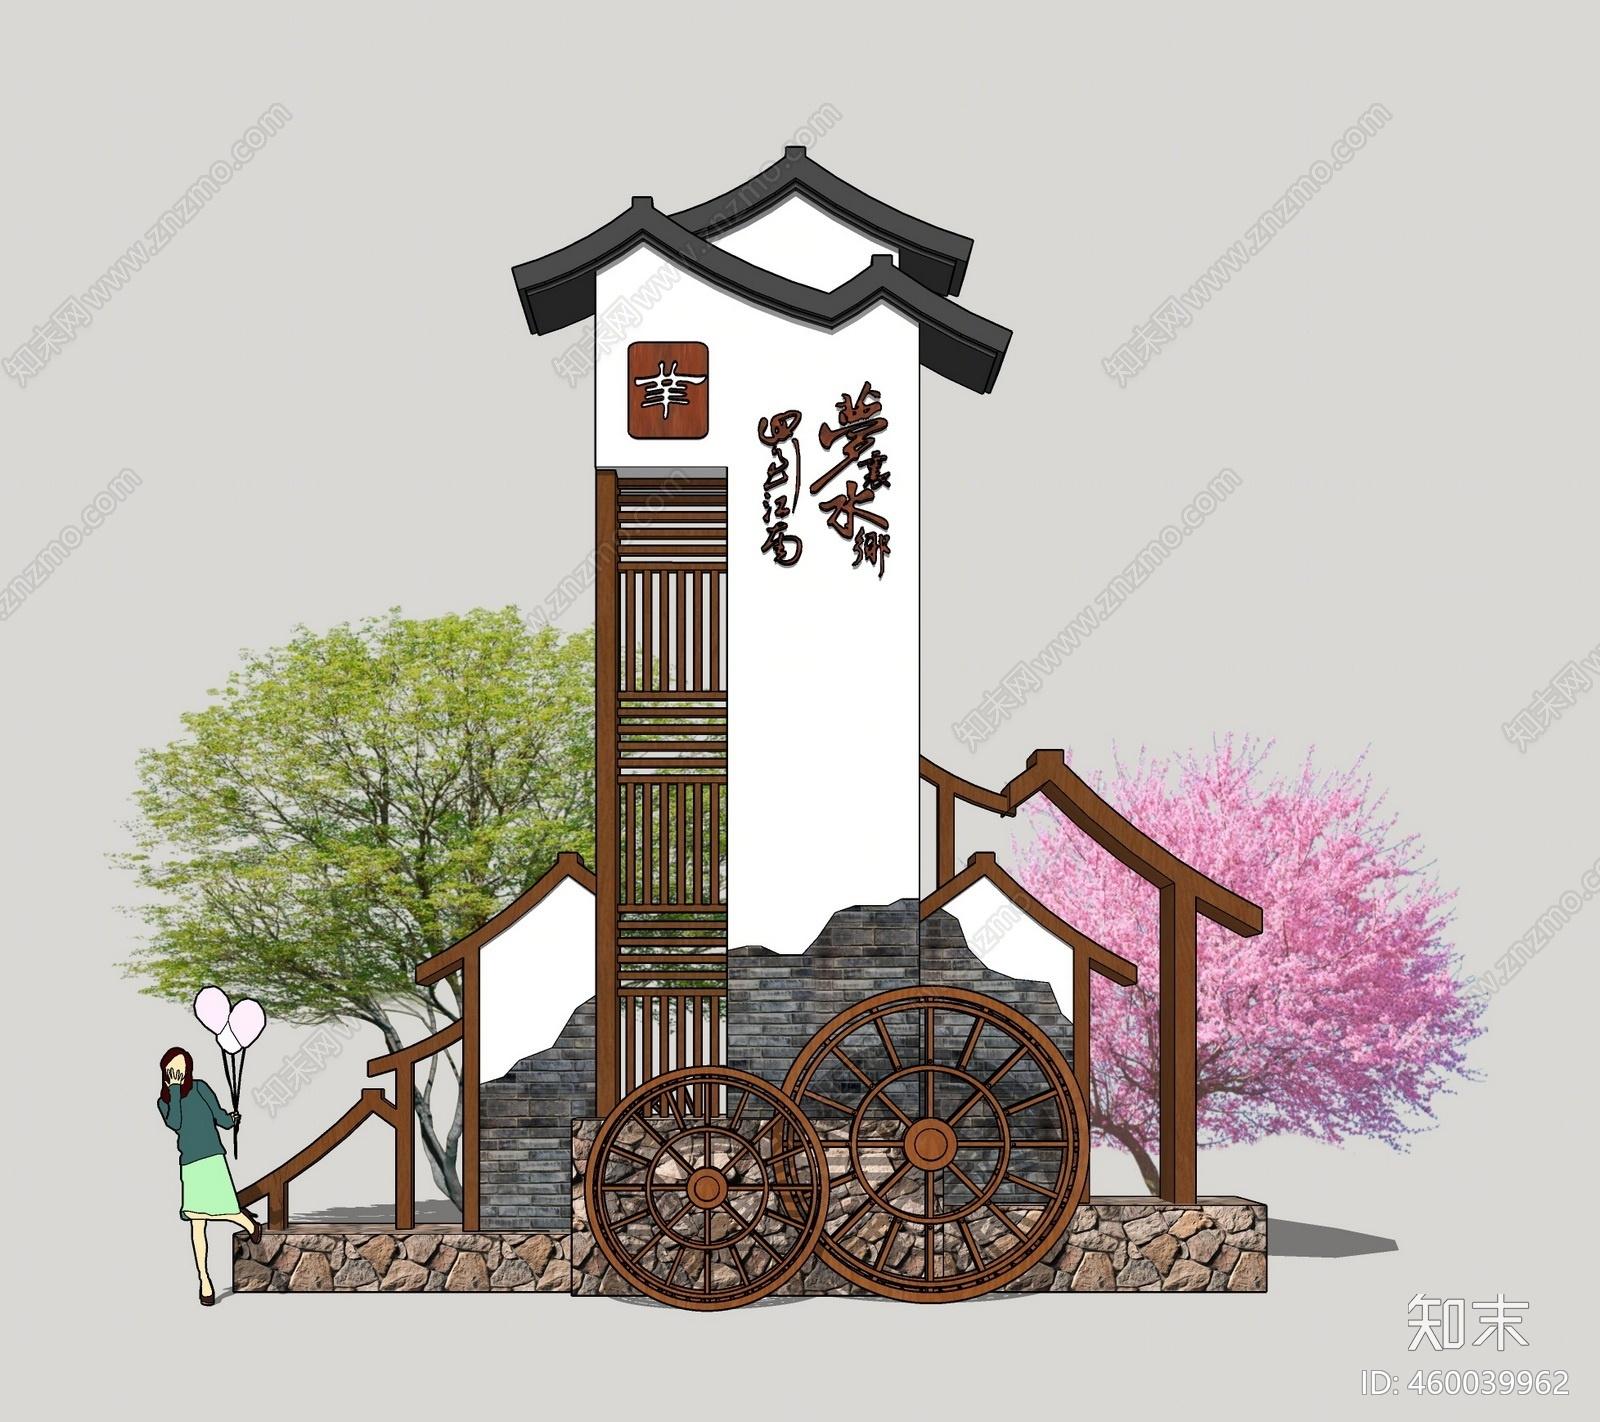 新中式风格村标SU模型下载【ID:460039962】